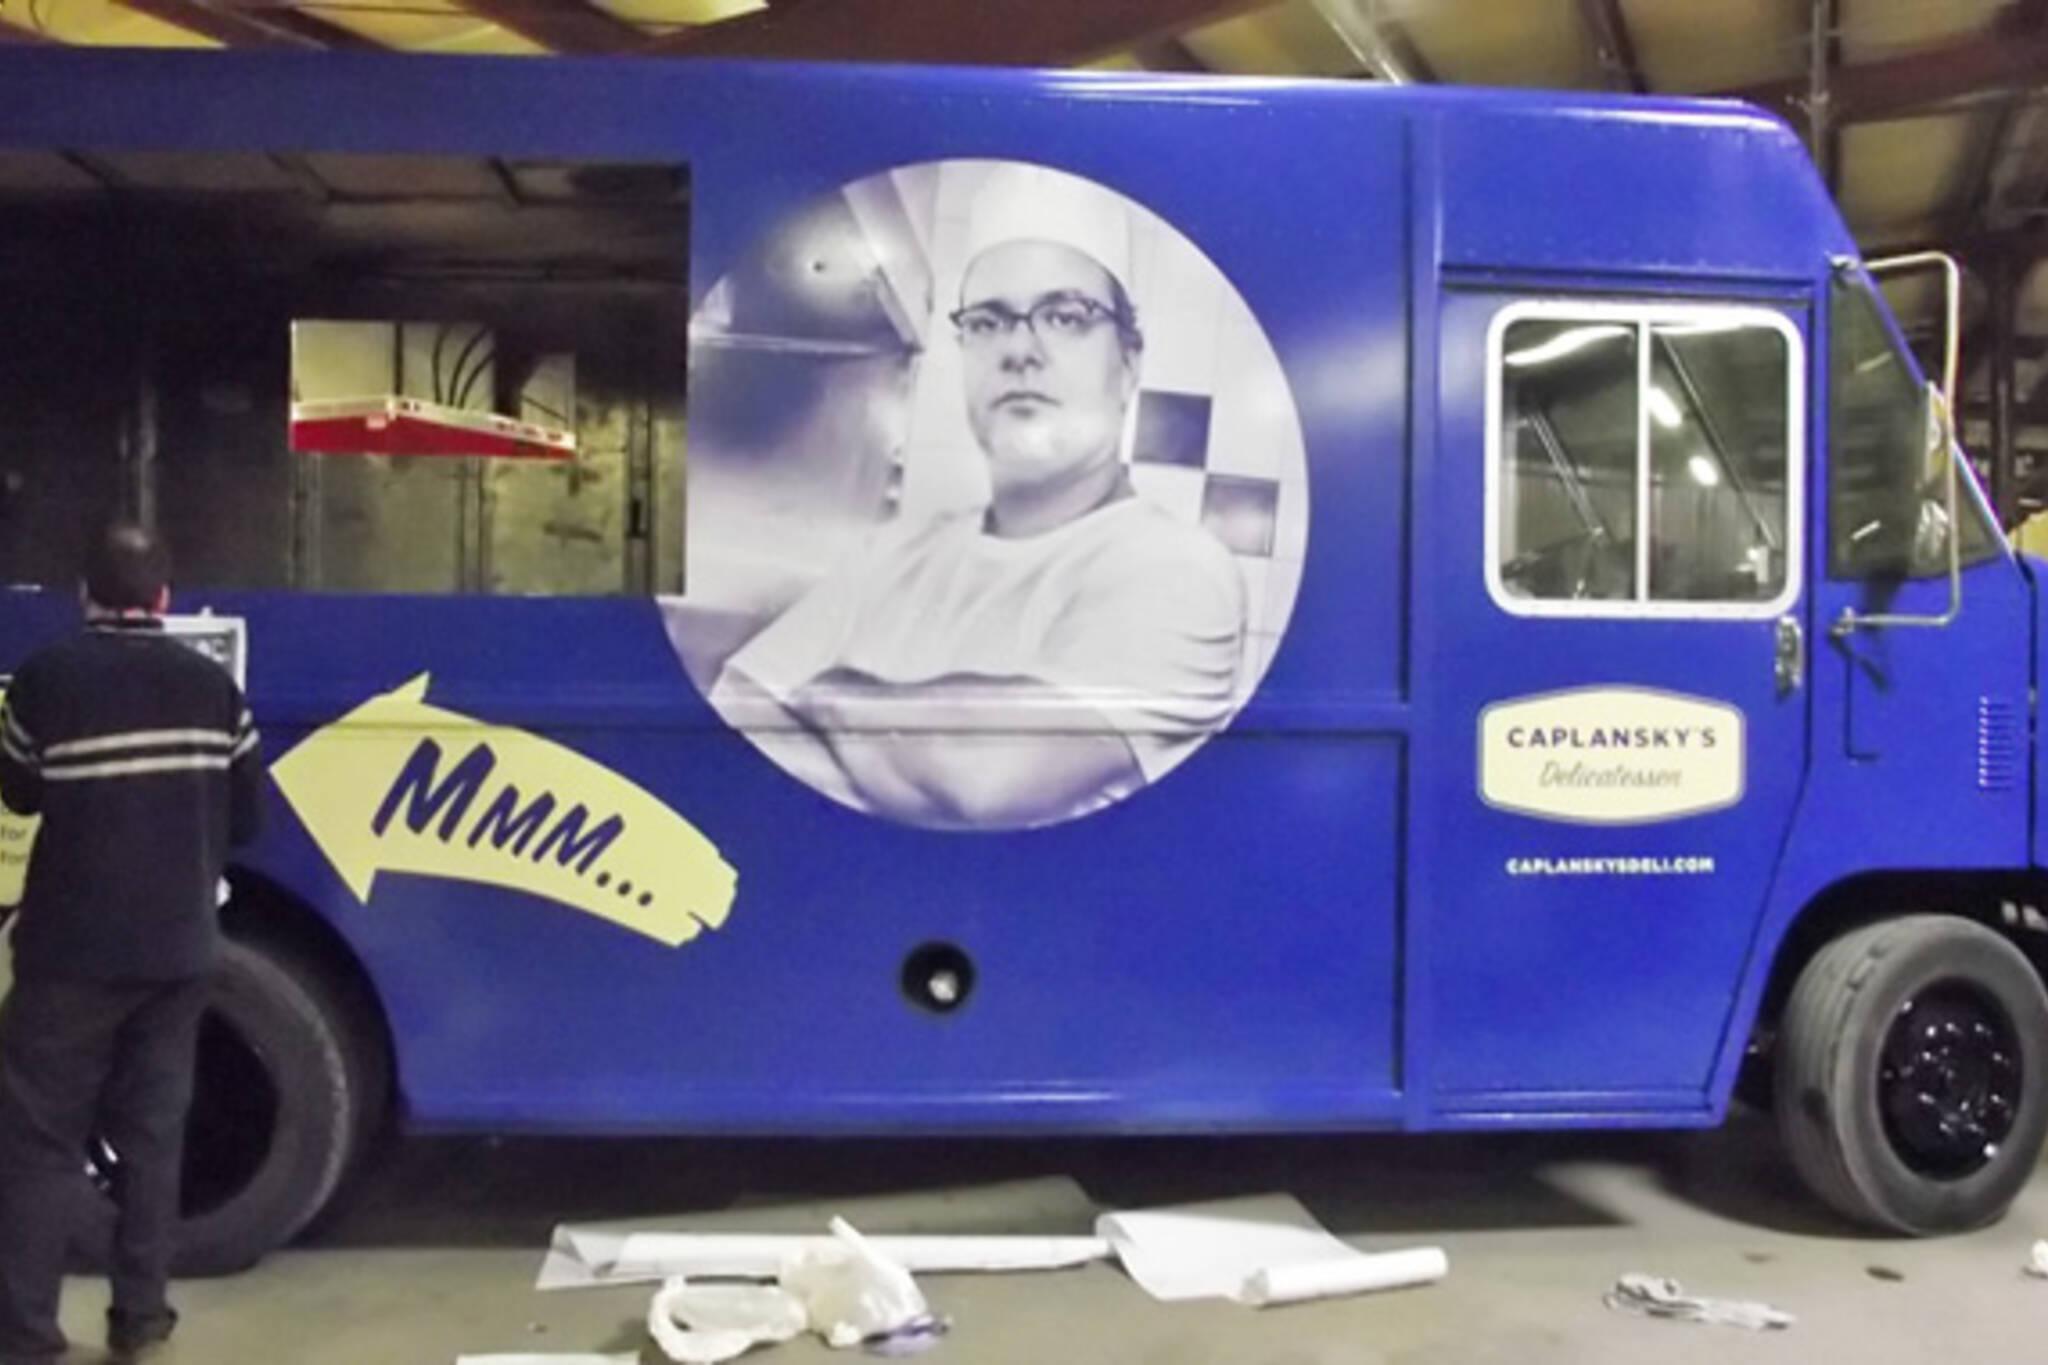 Caplansky's Food Truck